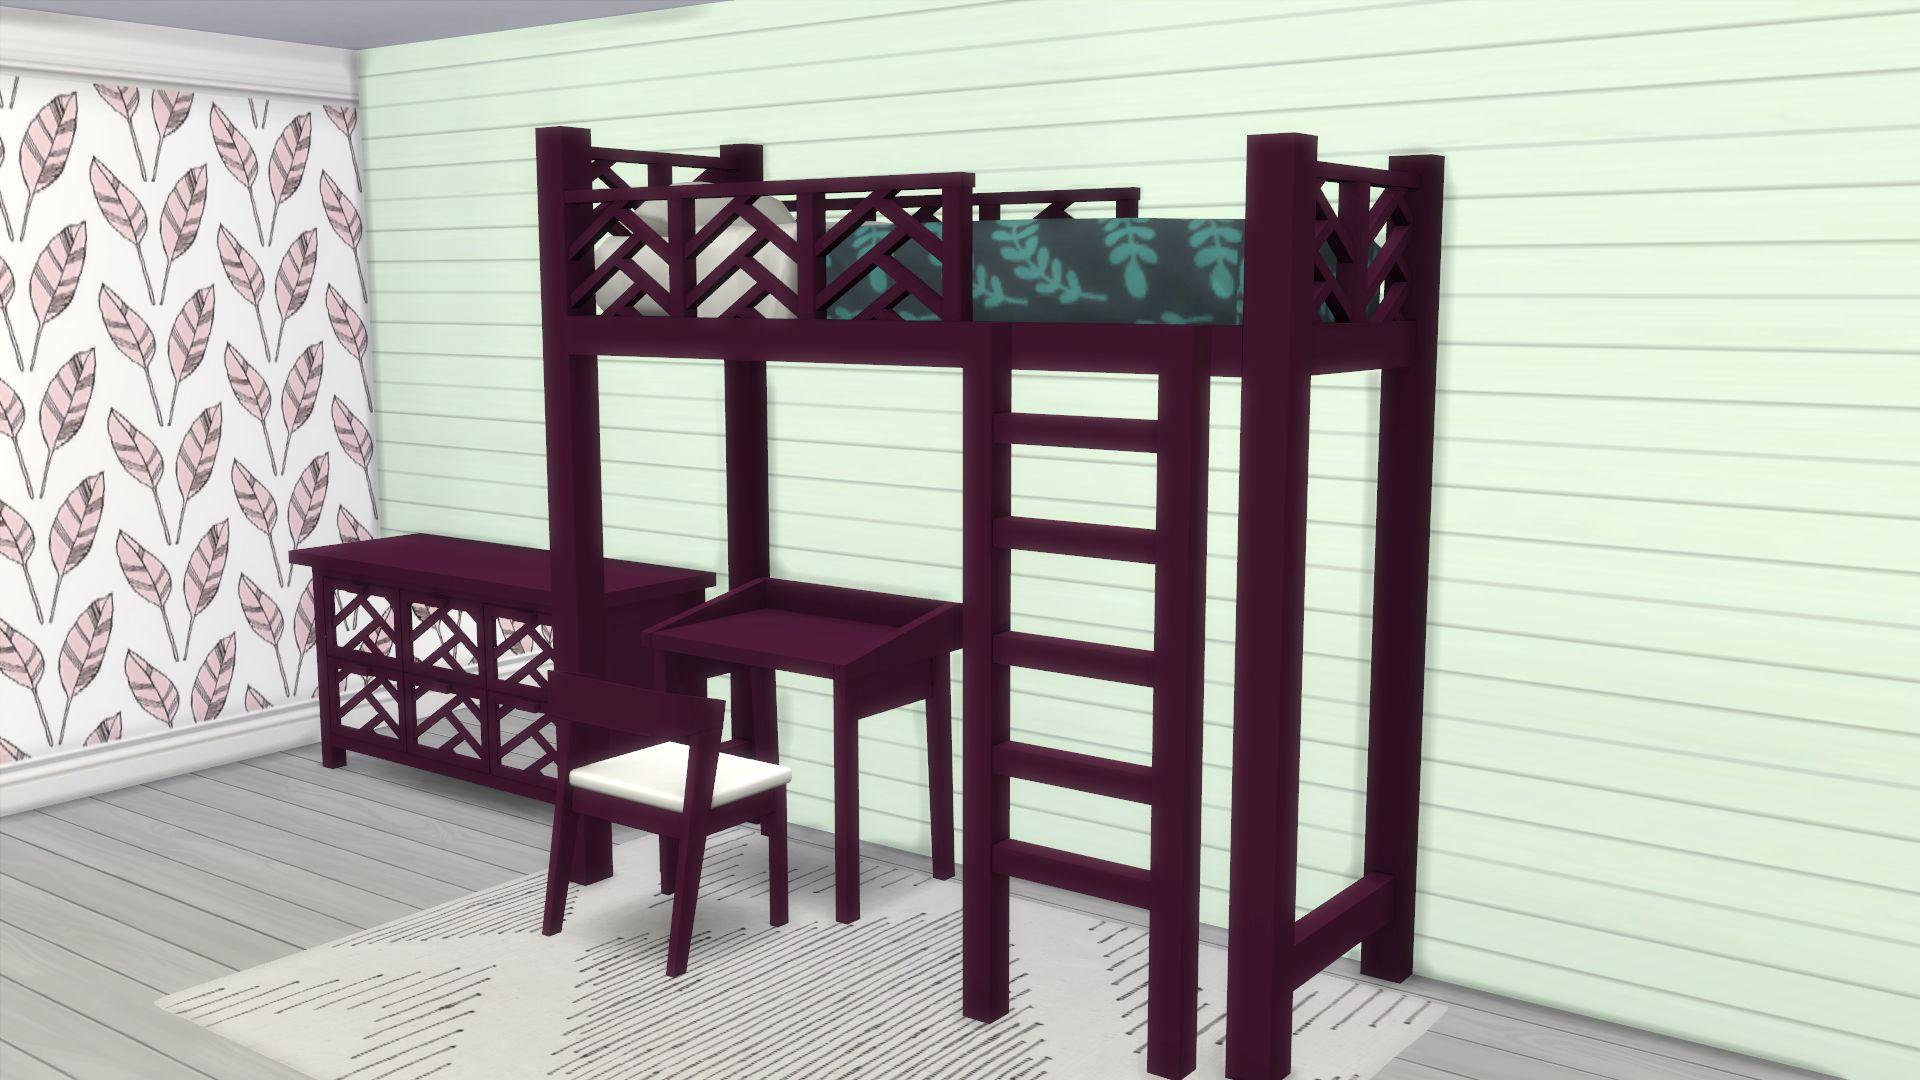 the-sims-4-ravasheen-bunkbeds-4.jpg